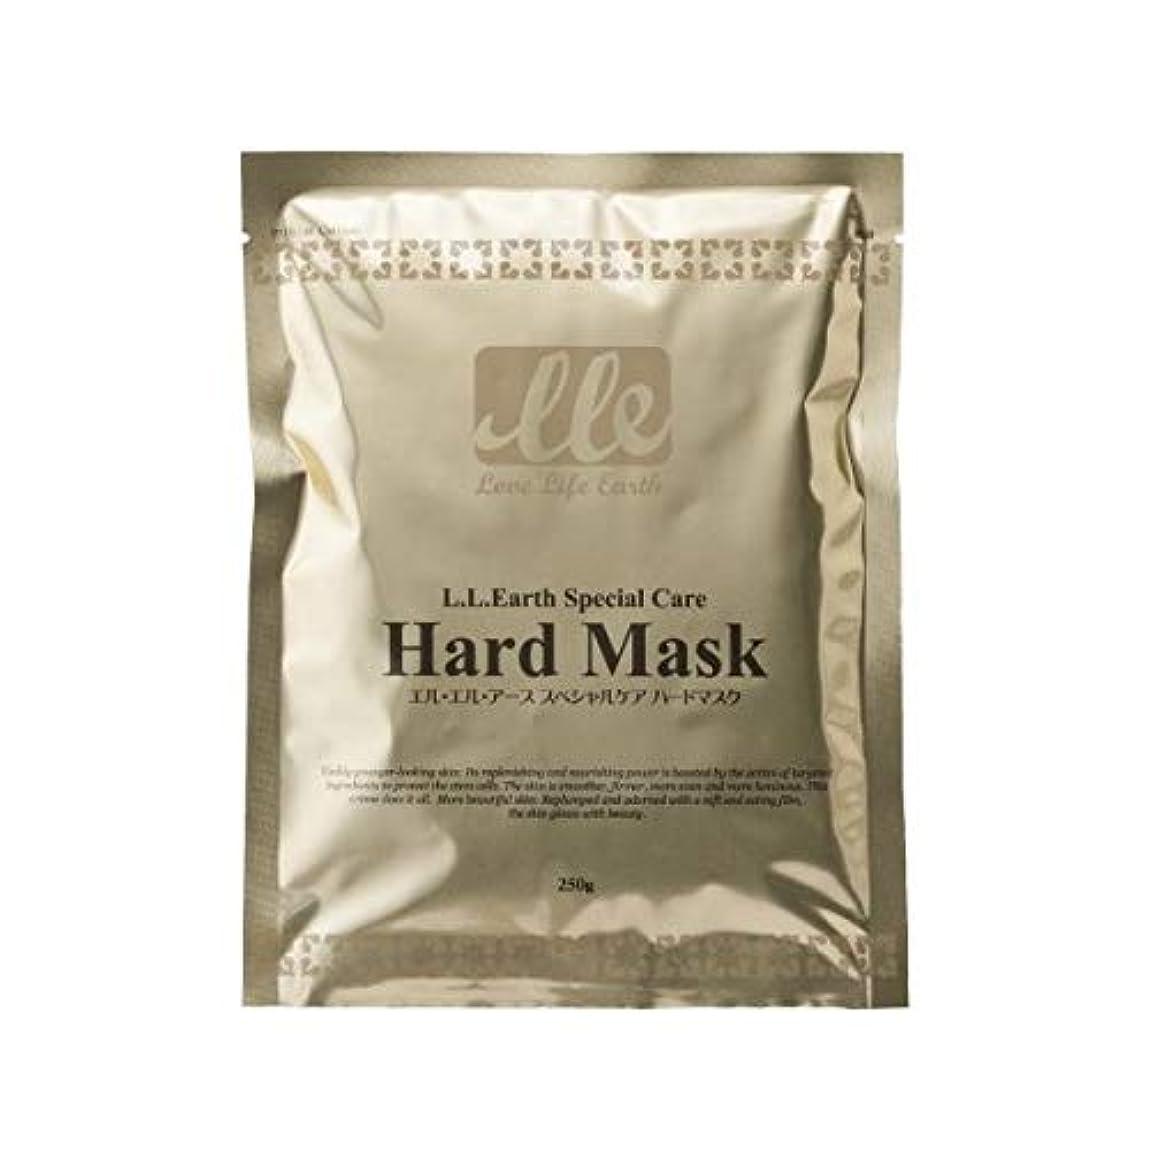 患者どうやって弓LLE ハードマスク 業務用 250g×5 石膏パック フェイスパック パック エステ用品